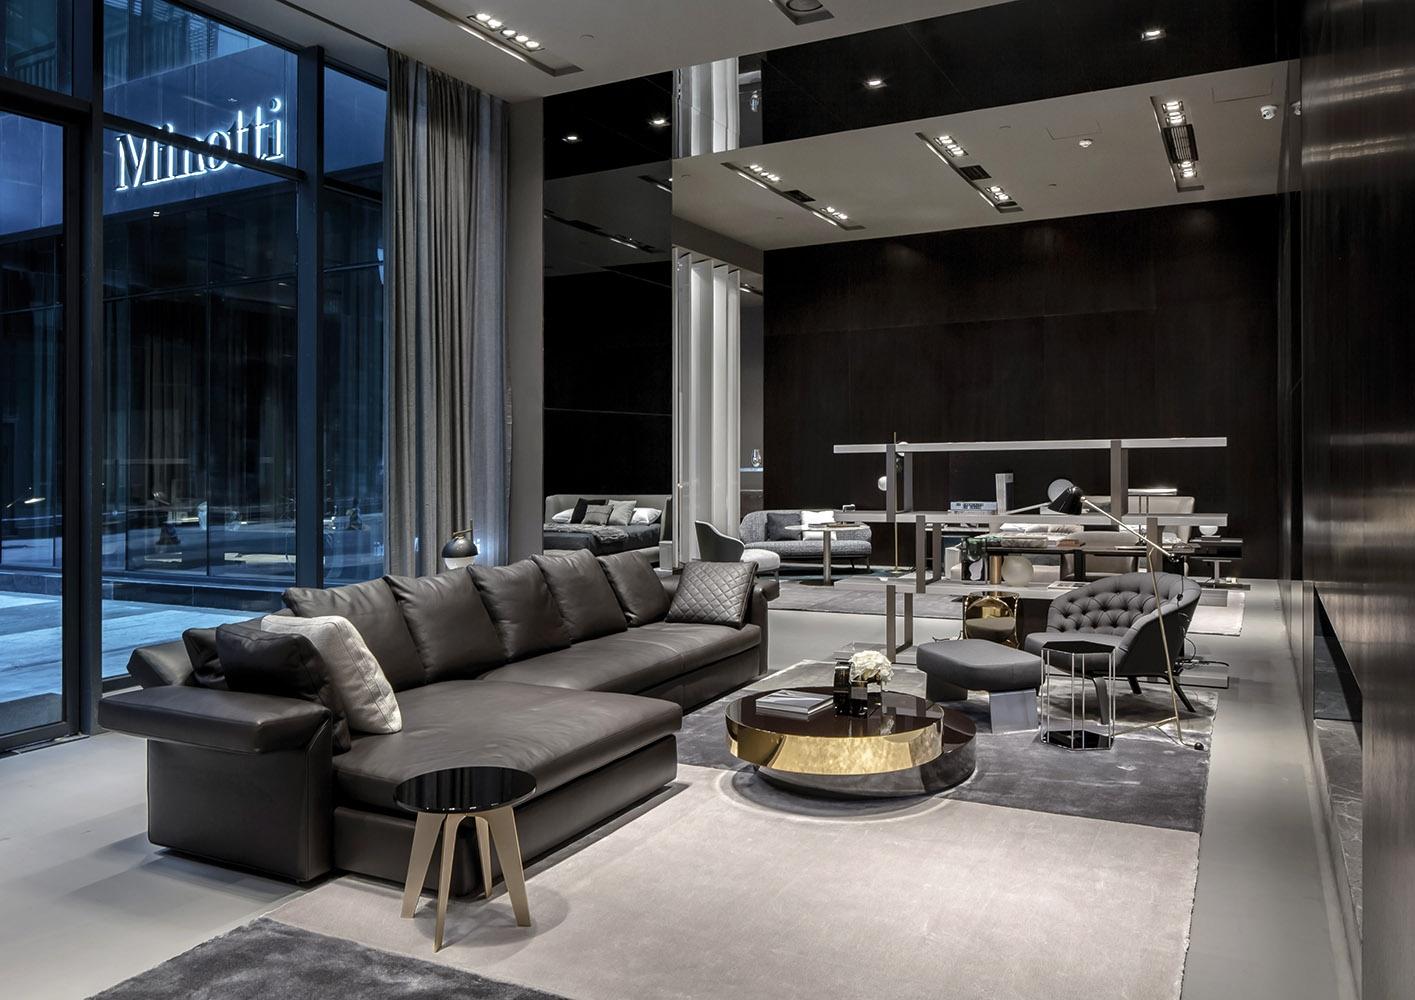 Cina apertura flagship store minotti chengdu by lhc for Negozi di arredamento del distretto di design dallas